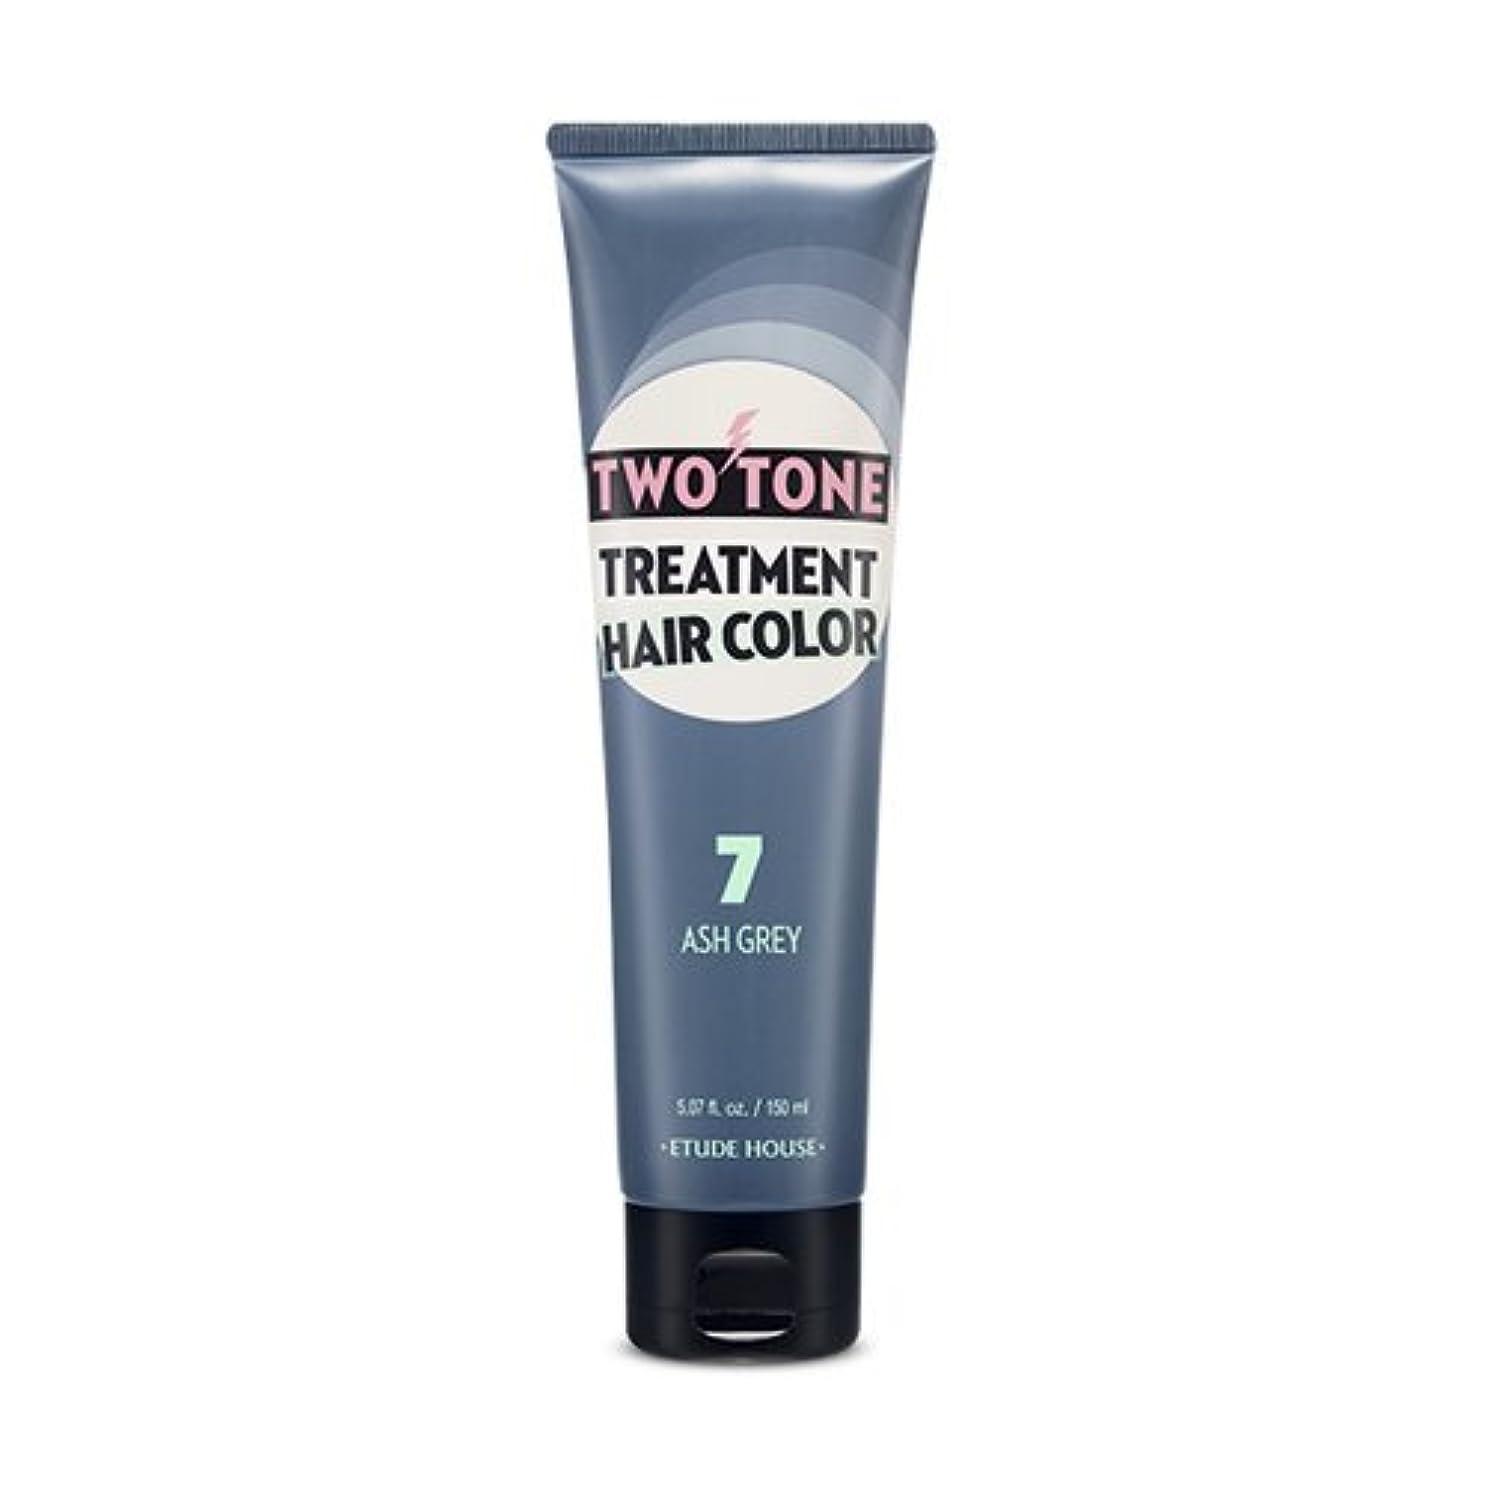 アンプポーズ土地ETUDE HOUSE Two Tone Treatment Hair Color 7.ASH GREY/エチュードハウス ツートントリートメントヘアカラー150ml [並行輸入品]